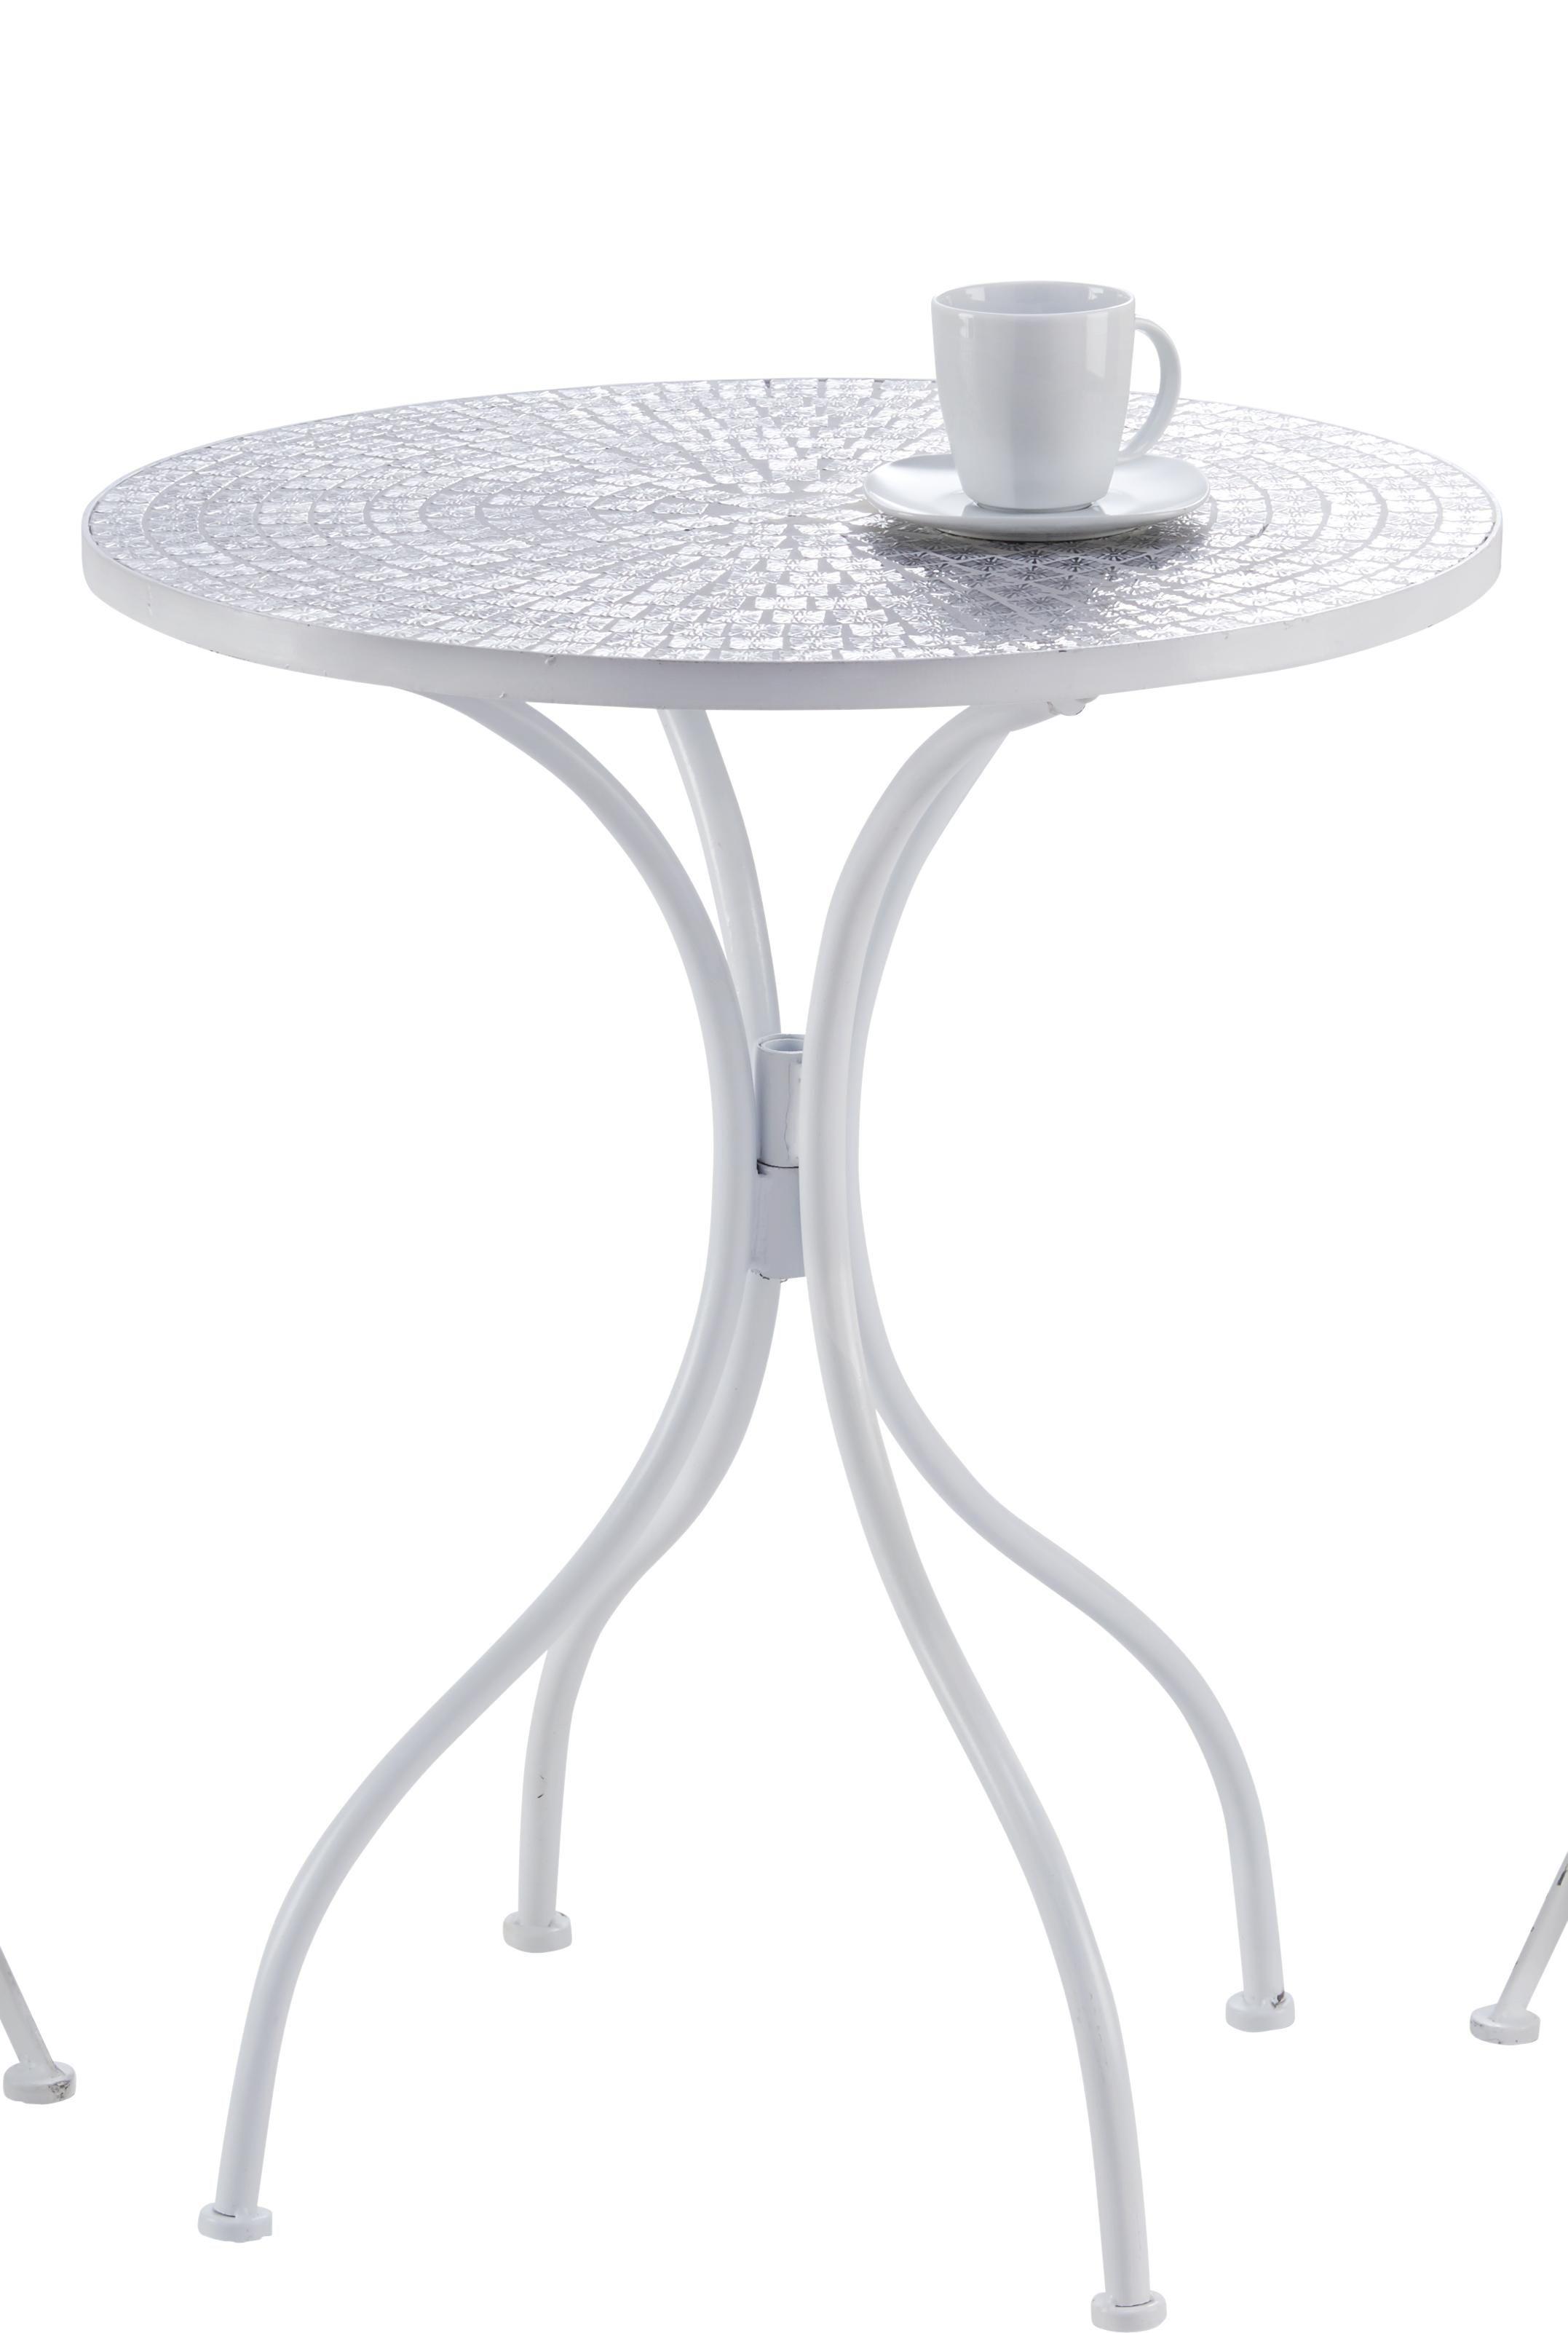 Gartentisch Myhome Tisch Gartenmobel Garten Draussen Gartentisch Gartenmobel Tisch